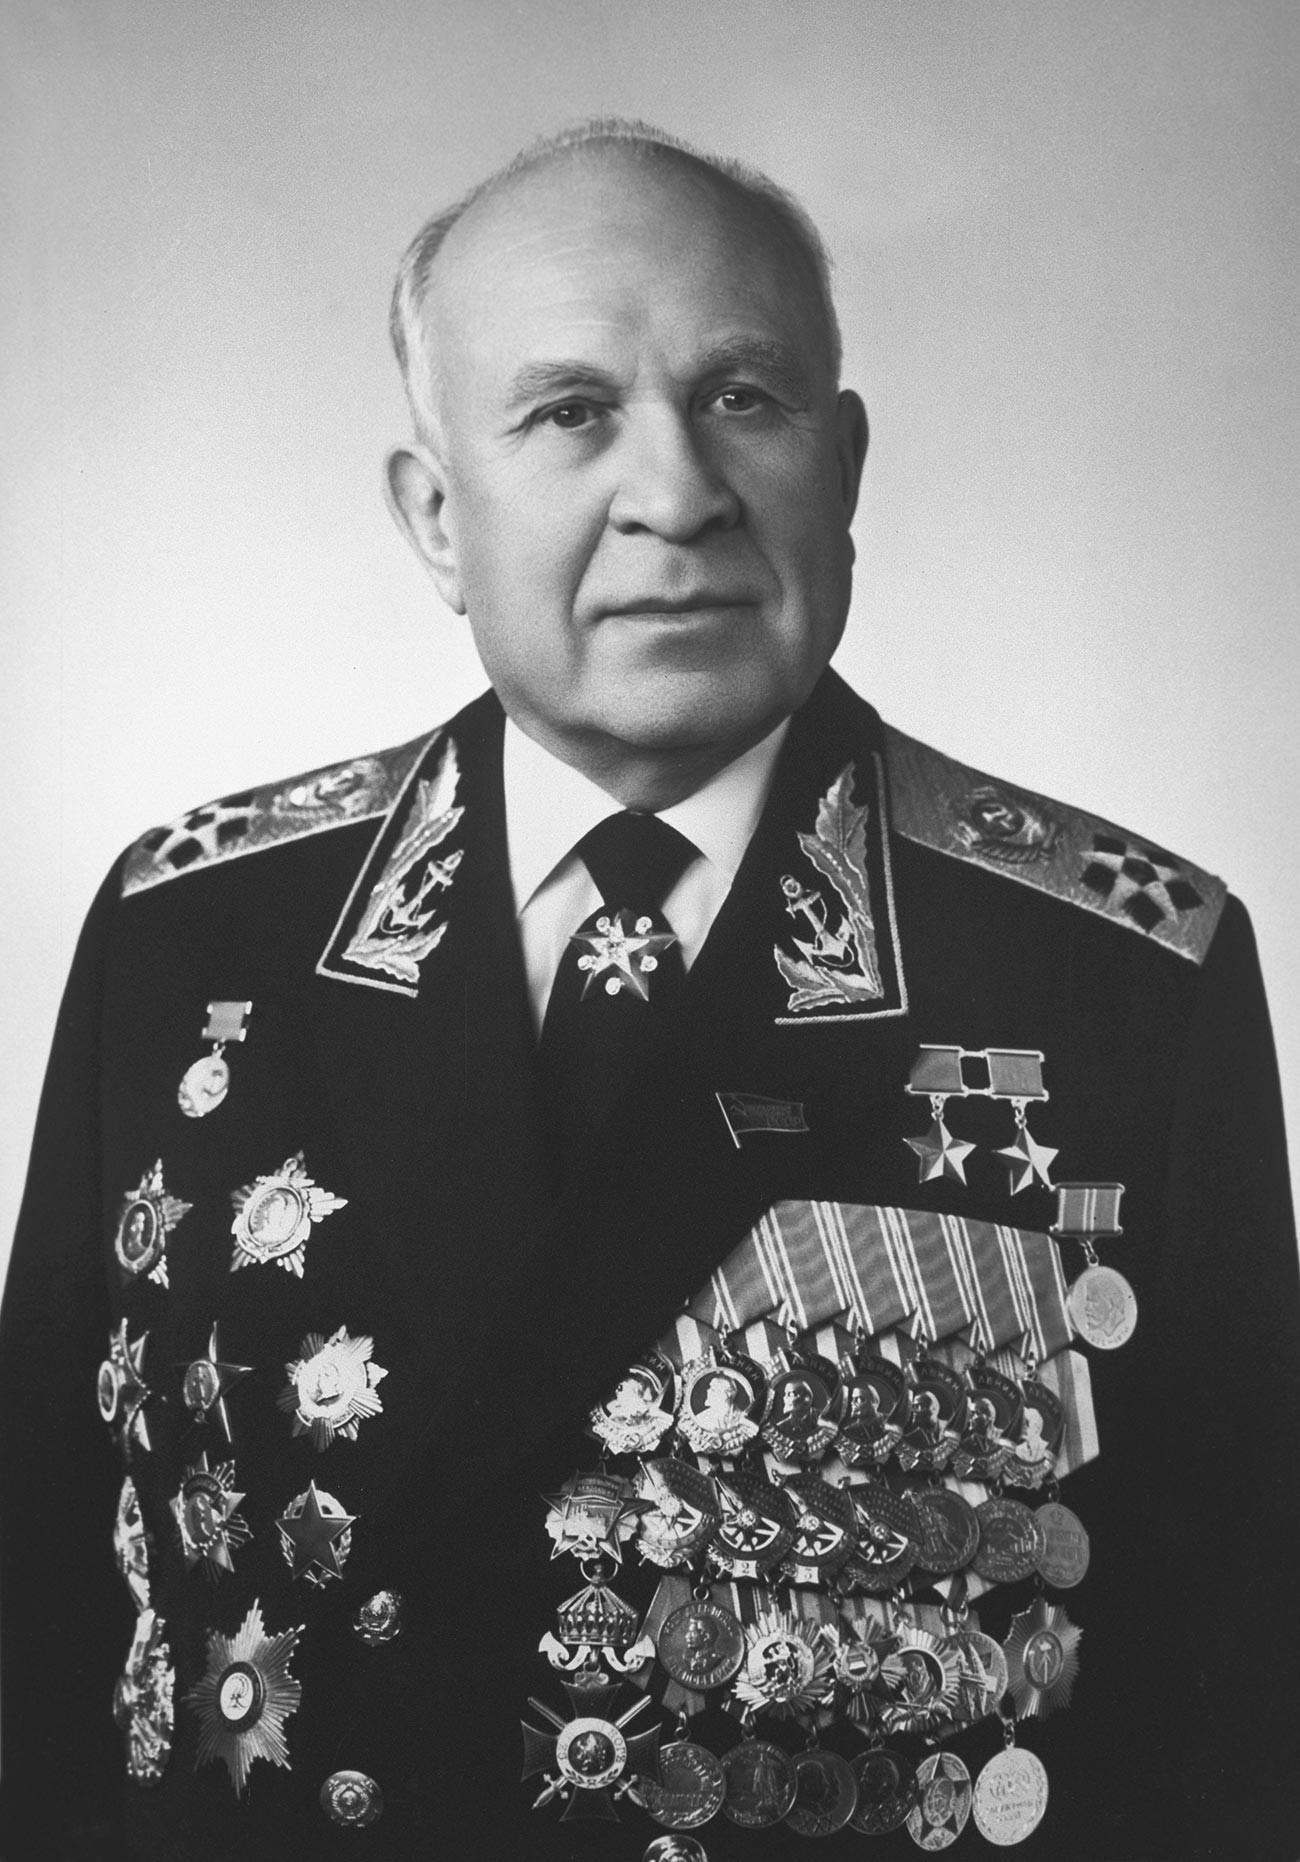 Адмирал Флота Советского Союза, дважды Герой Советского Союза Сергей Георгиевич Горшков.